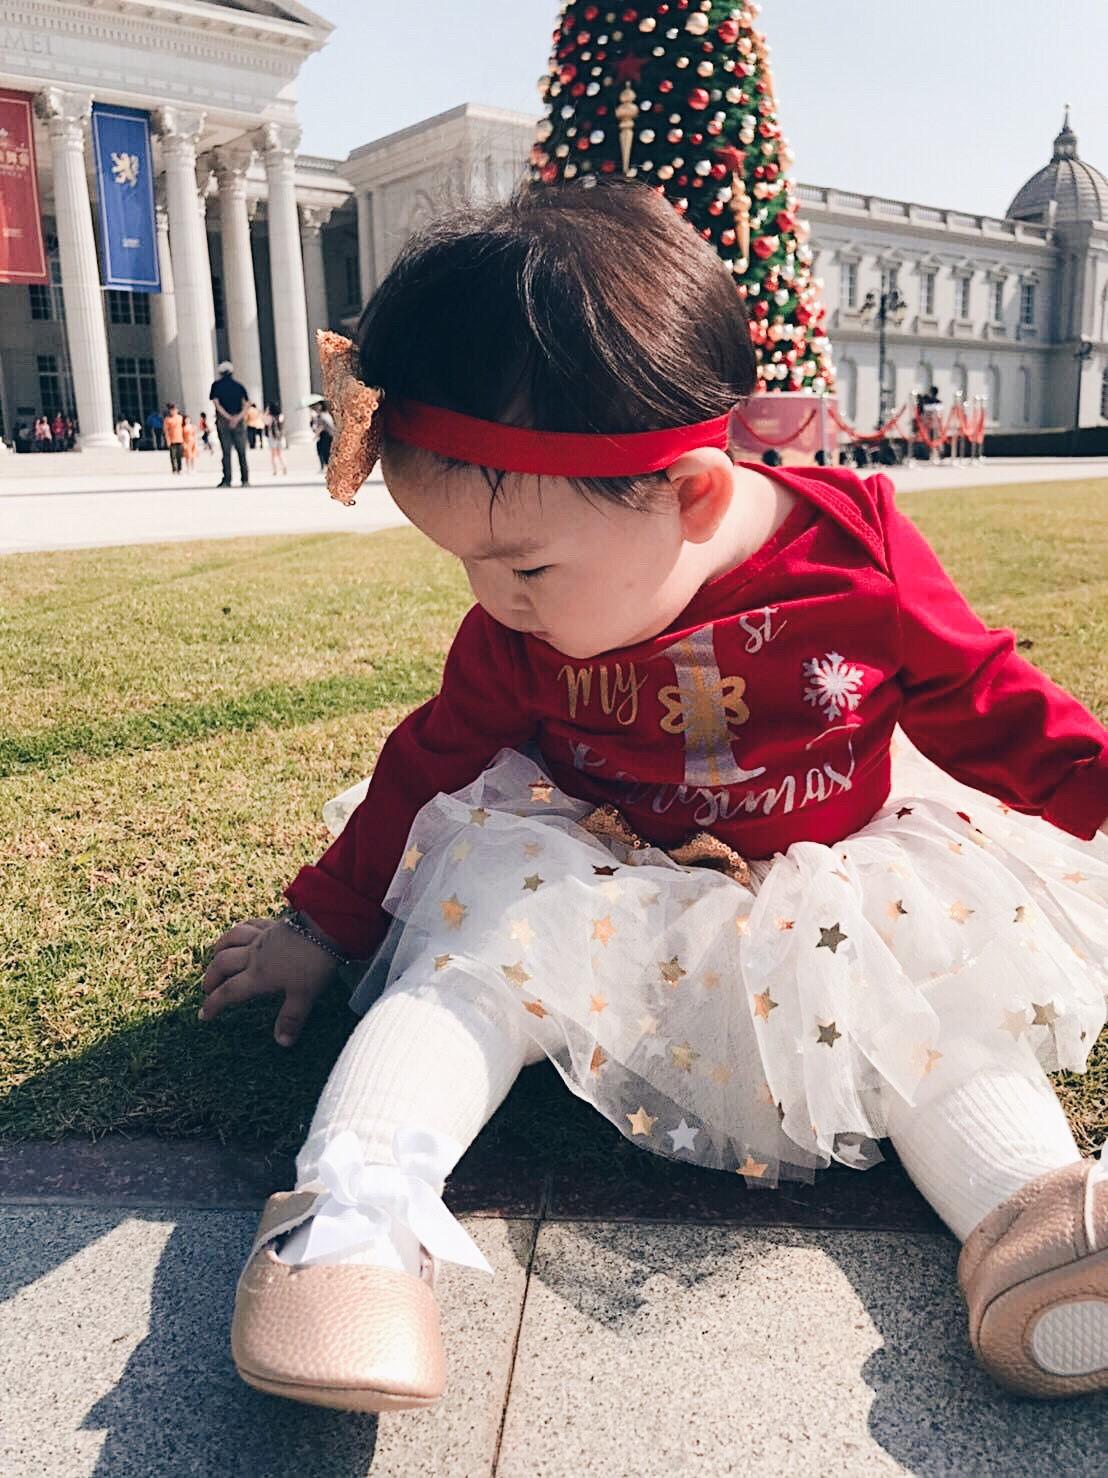 針織簍空薄褲襪 有防滑底 S(6M~2Y). M(3Y~4Y) 橘魔法Baby magic 兒童褲襪 童裝【p0061168785415】 1